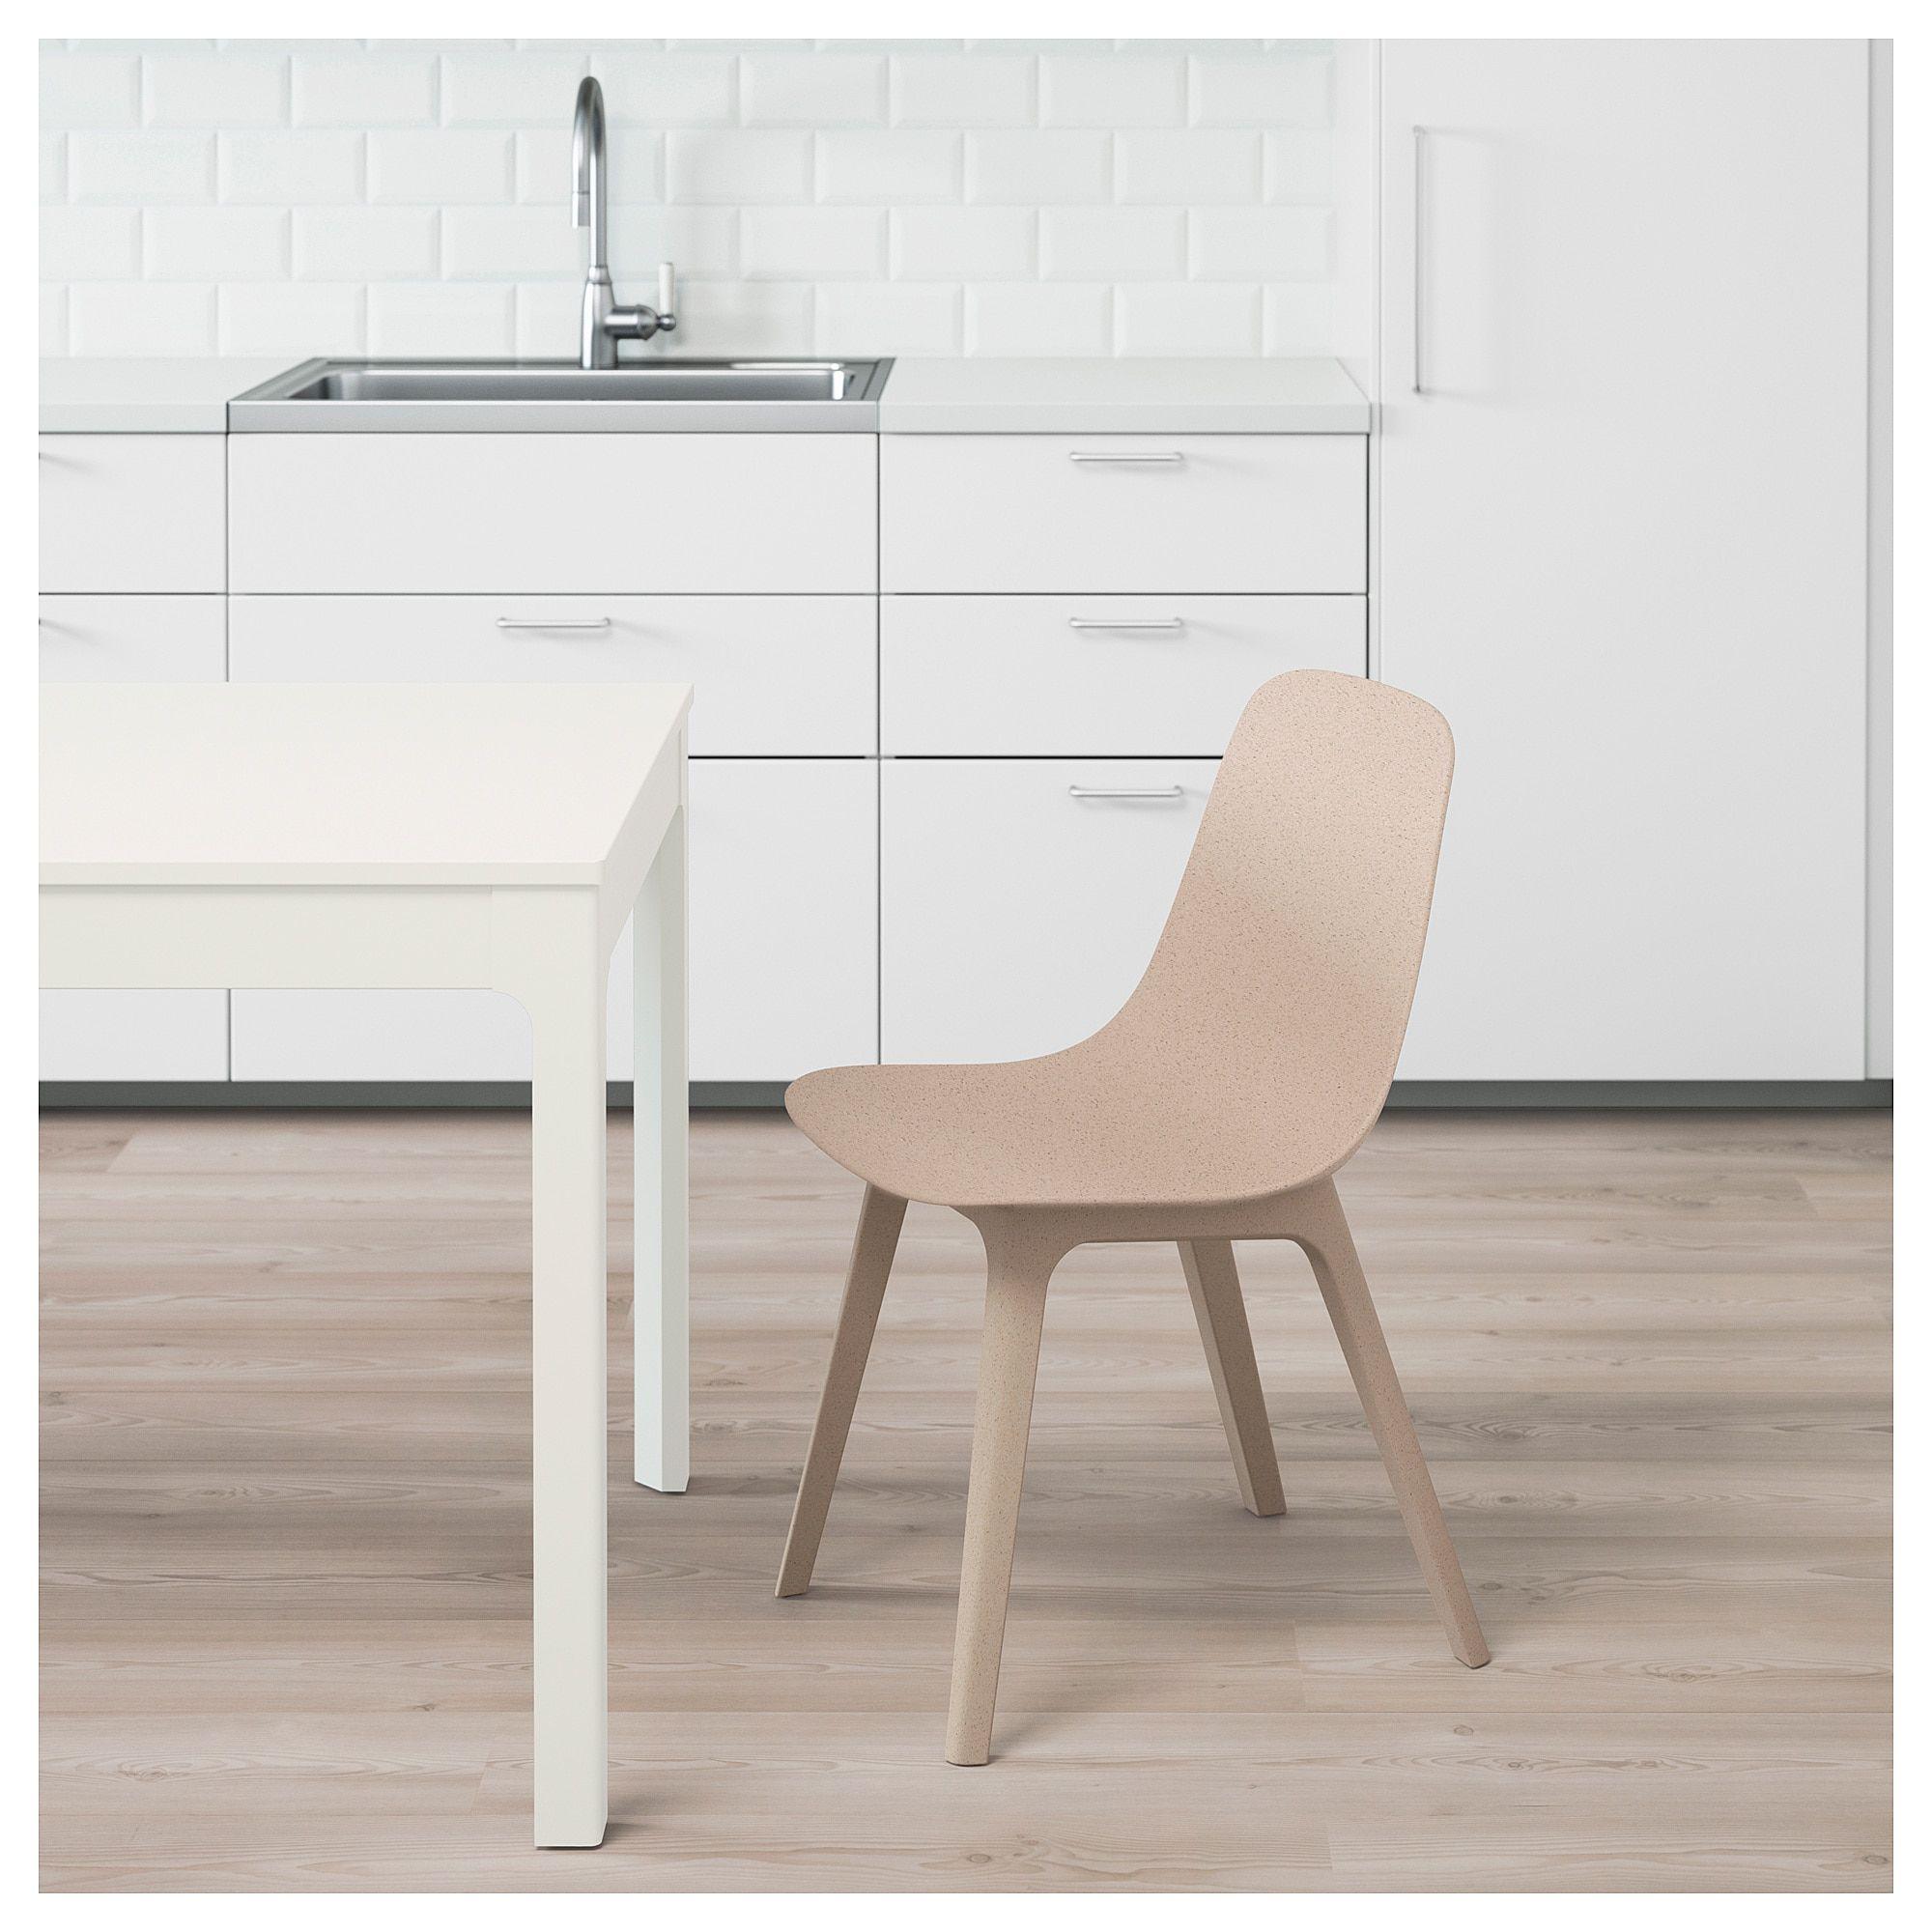 Sedia da scrivania con rotelle per bambini ragazzi cameretta ufficio studio casa. Odger Chair White Beige Ikea Sedia Ikea Cuscini Per Sedie Da Cucina Idee Per La Casa